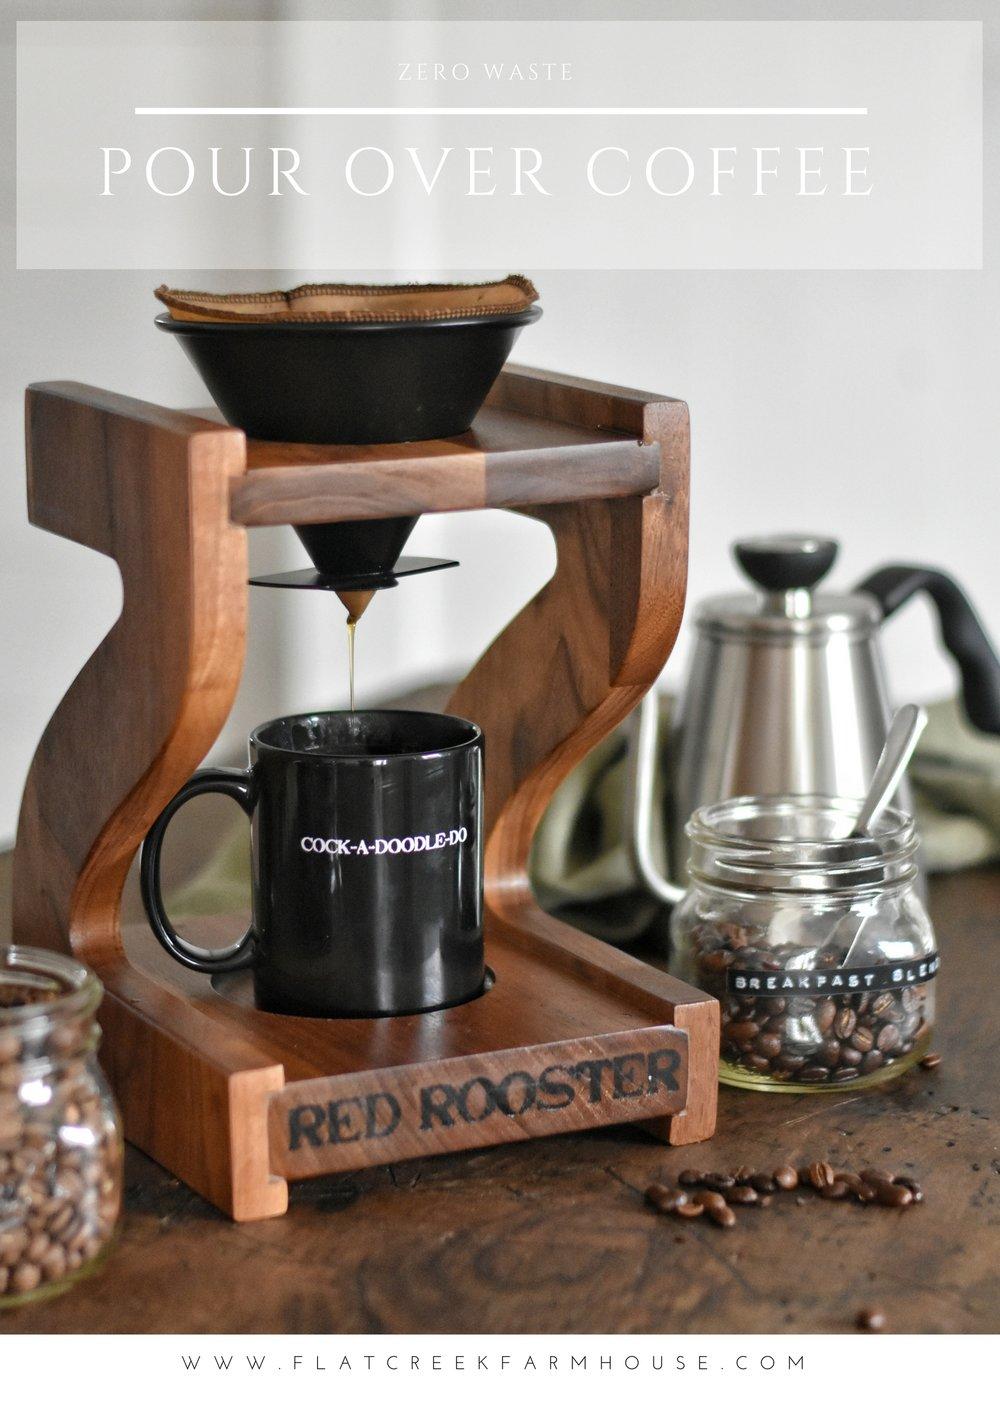 Zero Waste Lifestyle: Coffee